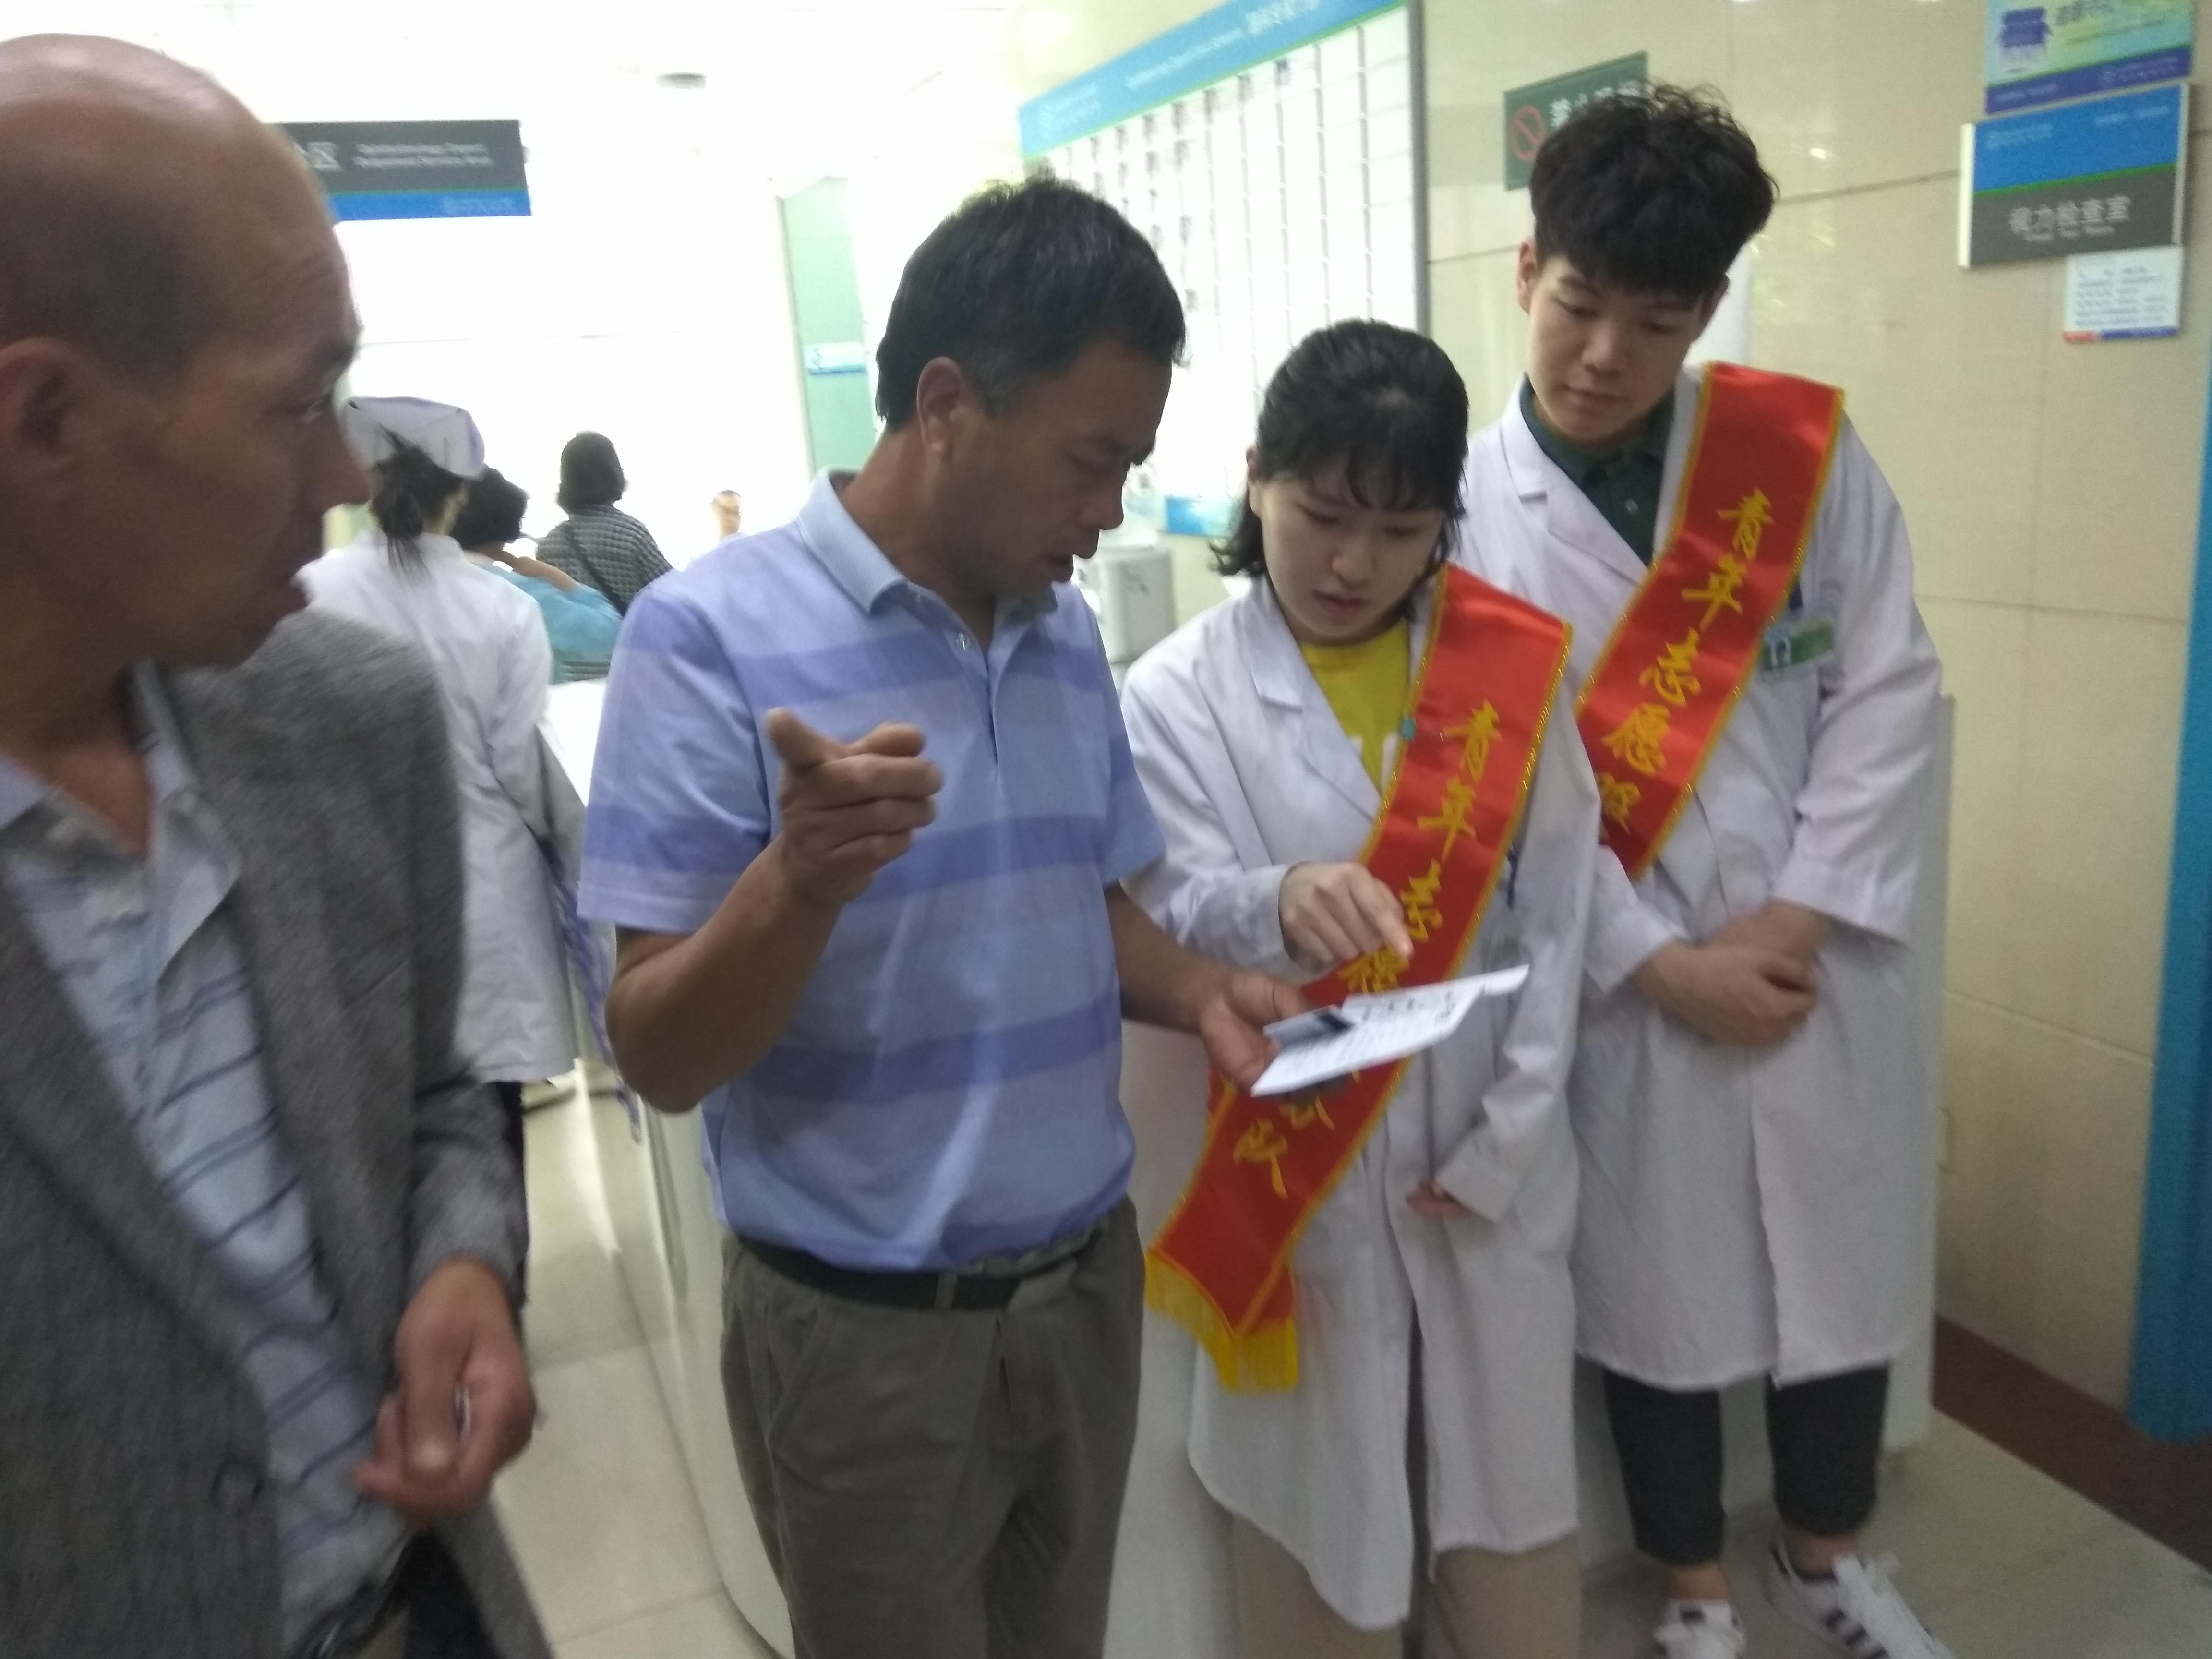 青年志愿者提供导医导诊服务